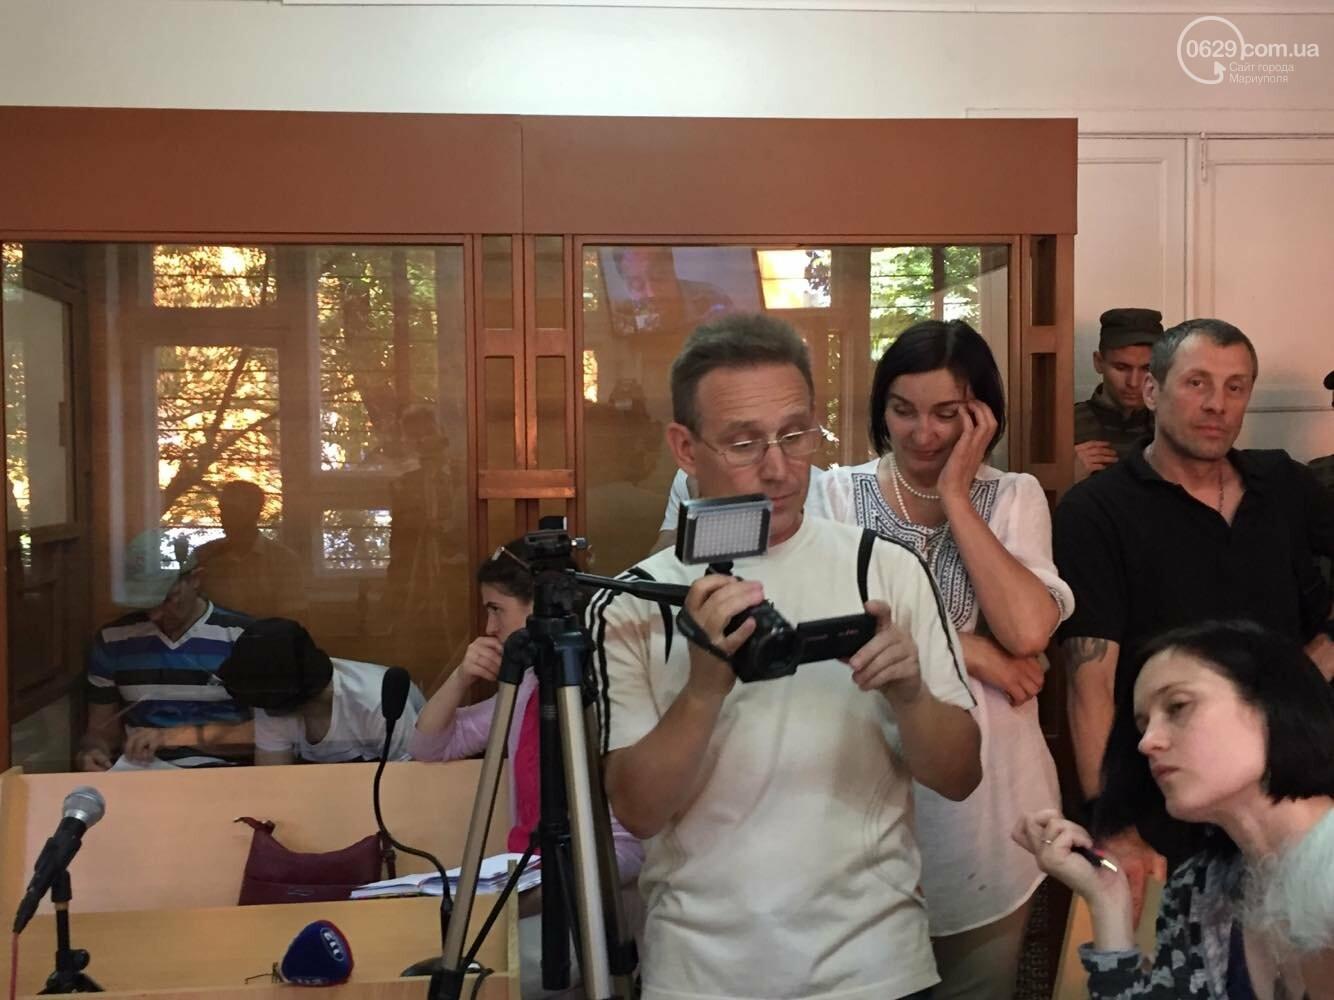 Адвокат по скайпу и без георгиевских ленточек: состоялось слушание по делу обвиняемых  в захвате Мариупольского ГУ милиции, - ФОТО, ВИДЕО, фото-4